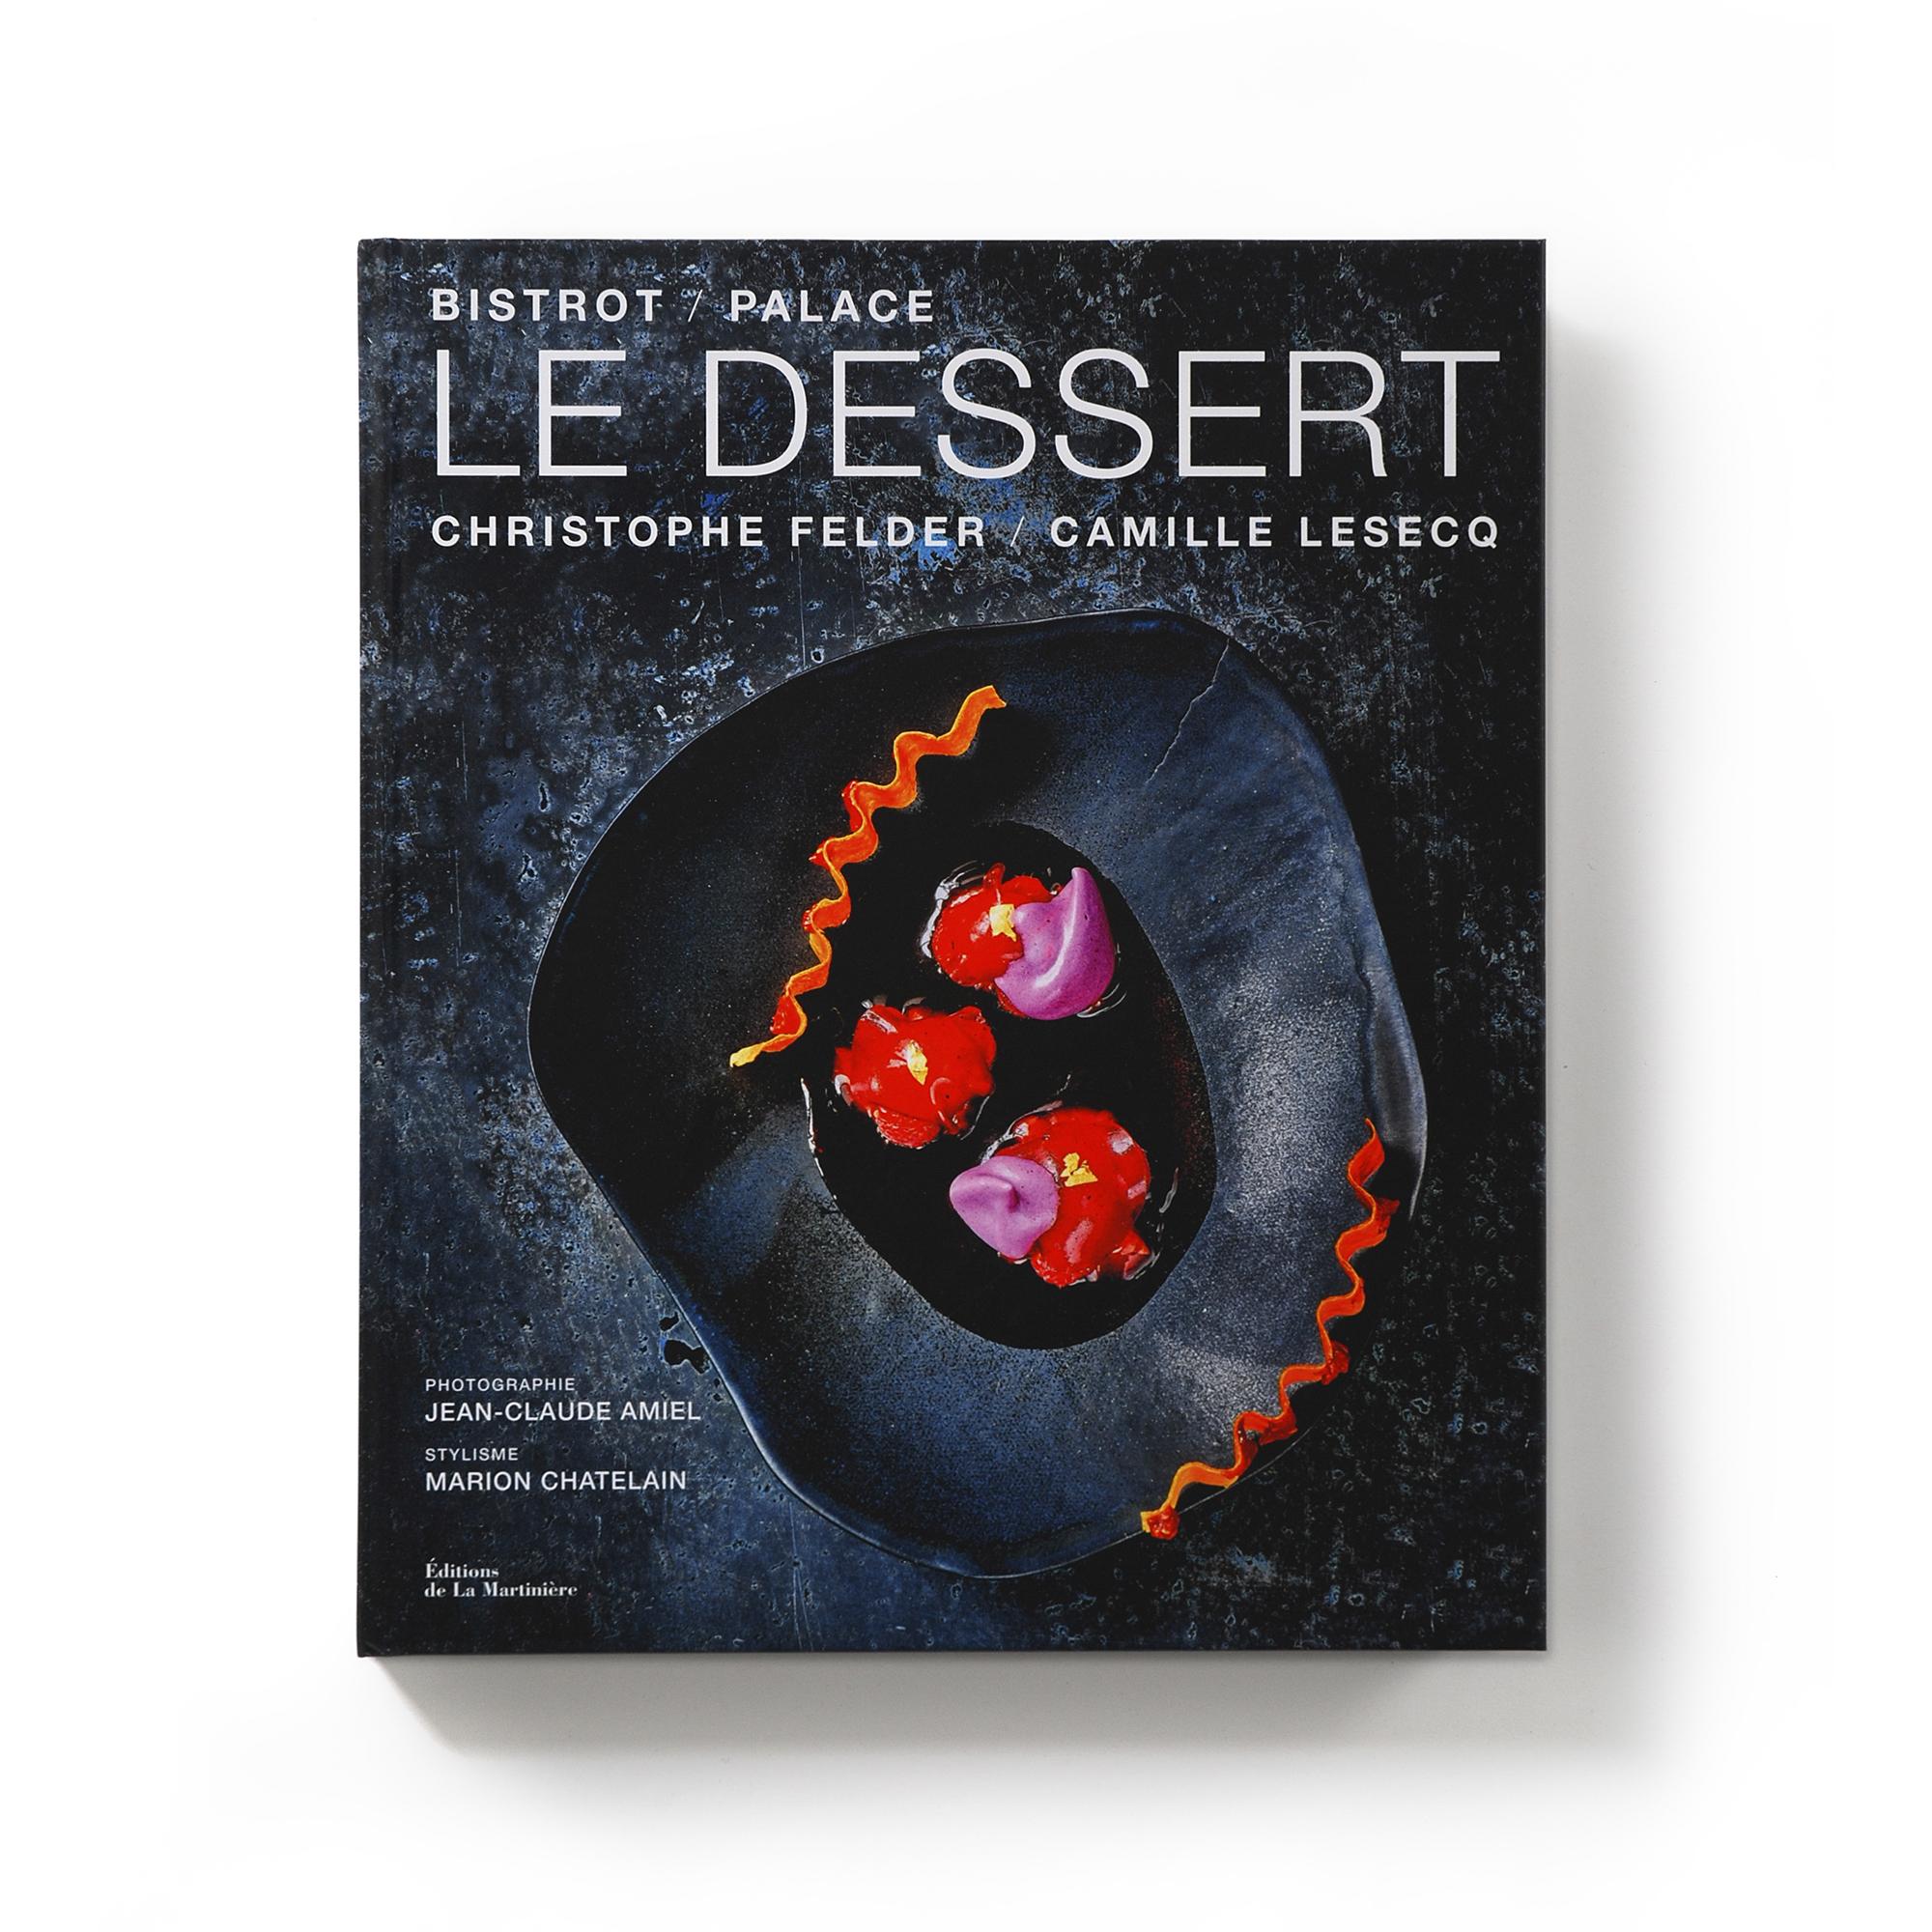 Le Dessert  Bistrot/Palace  Christophe Felder et Camille Lesecq  Éditions de La Martinière 240 pages